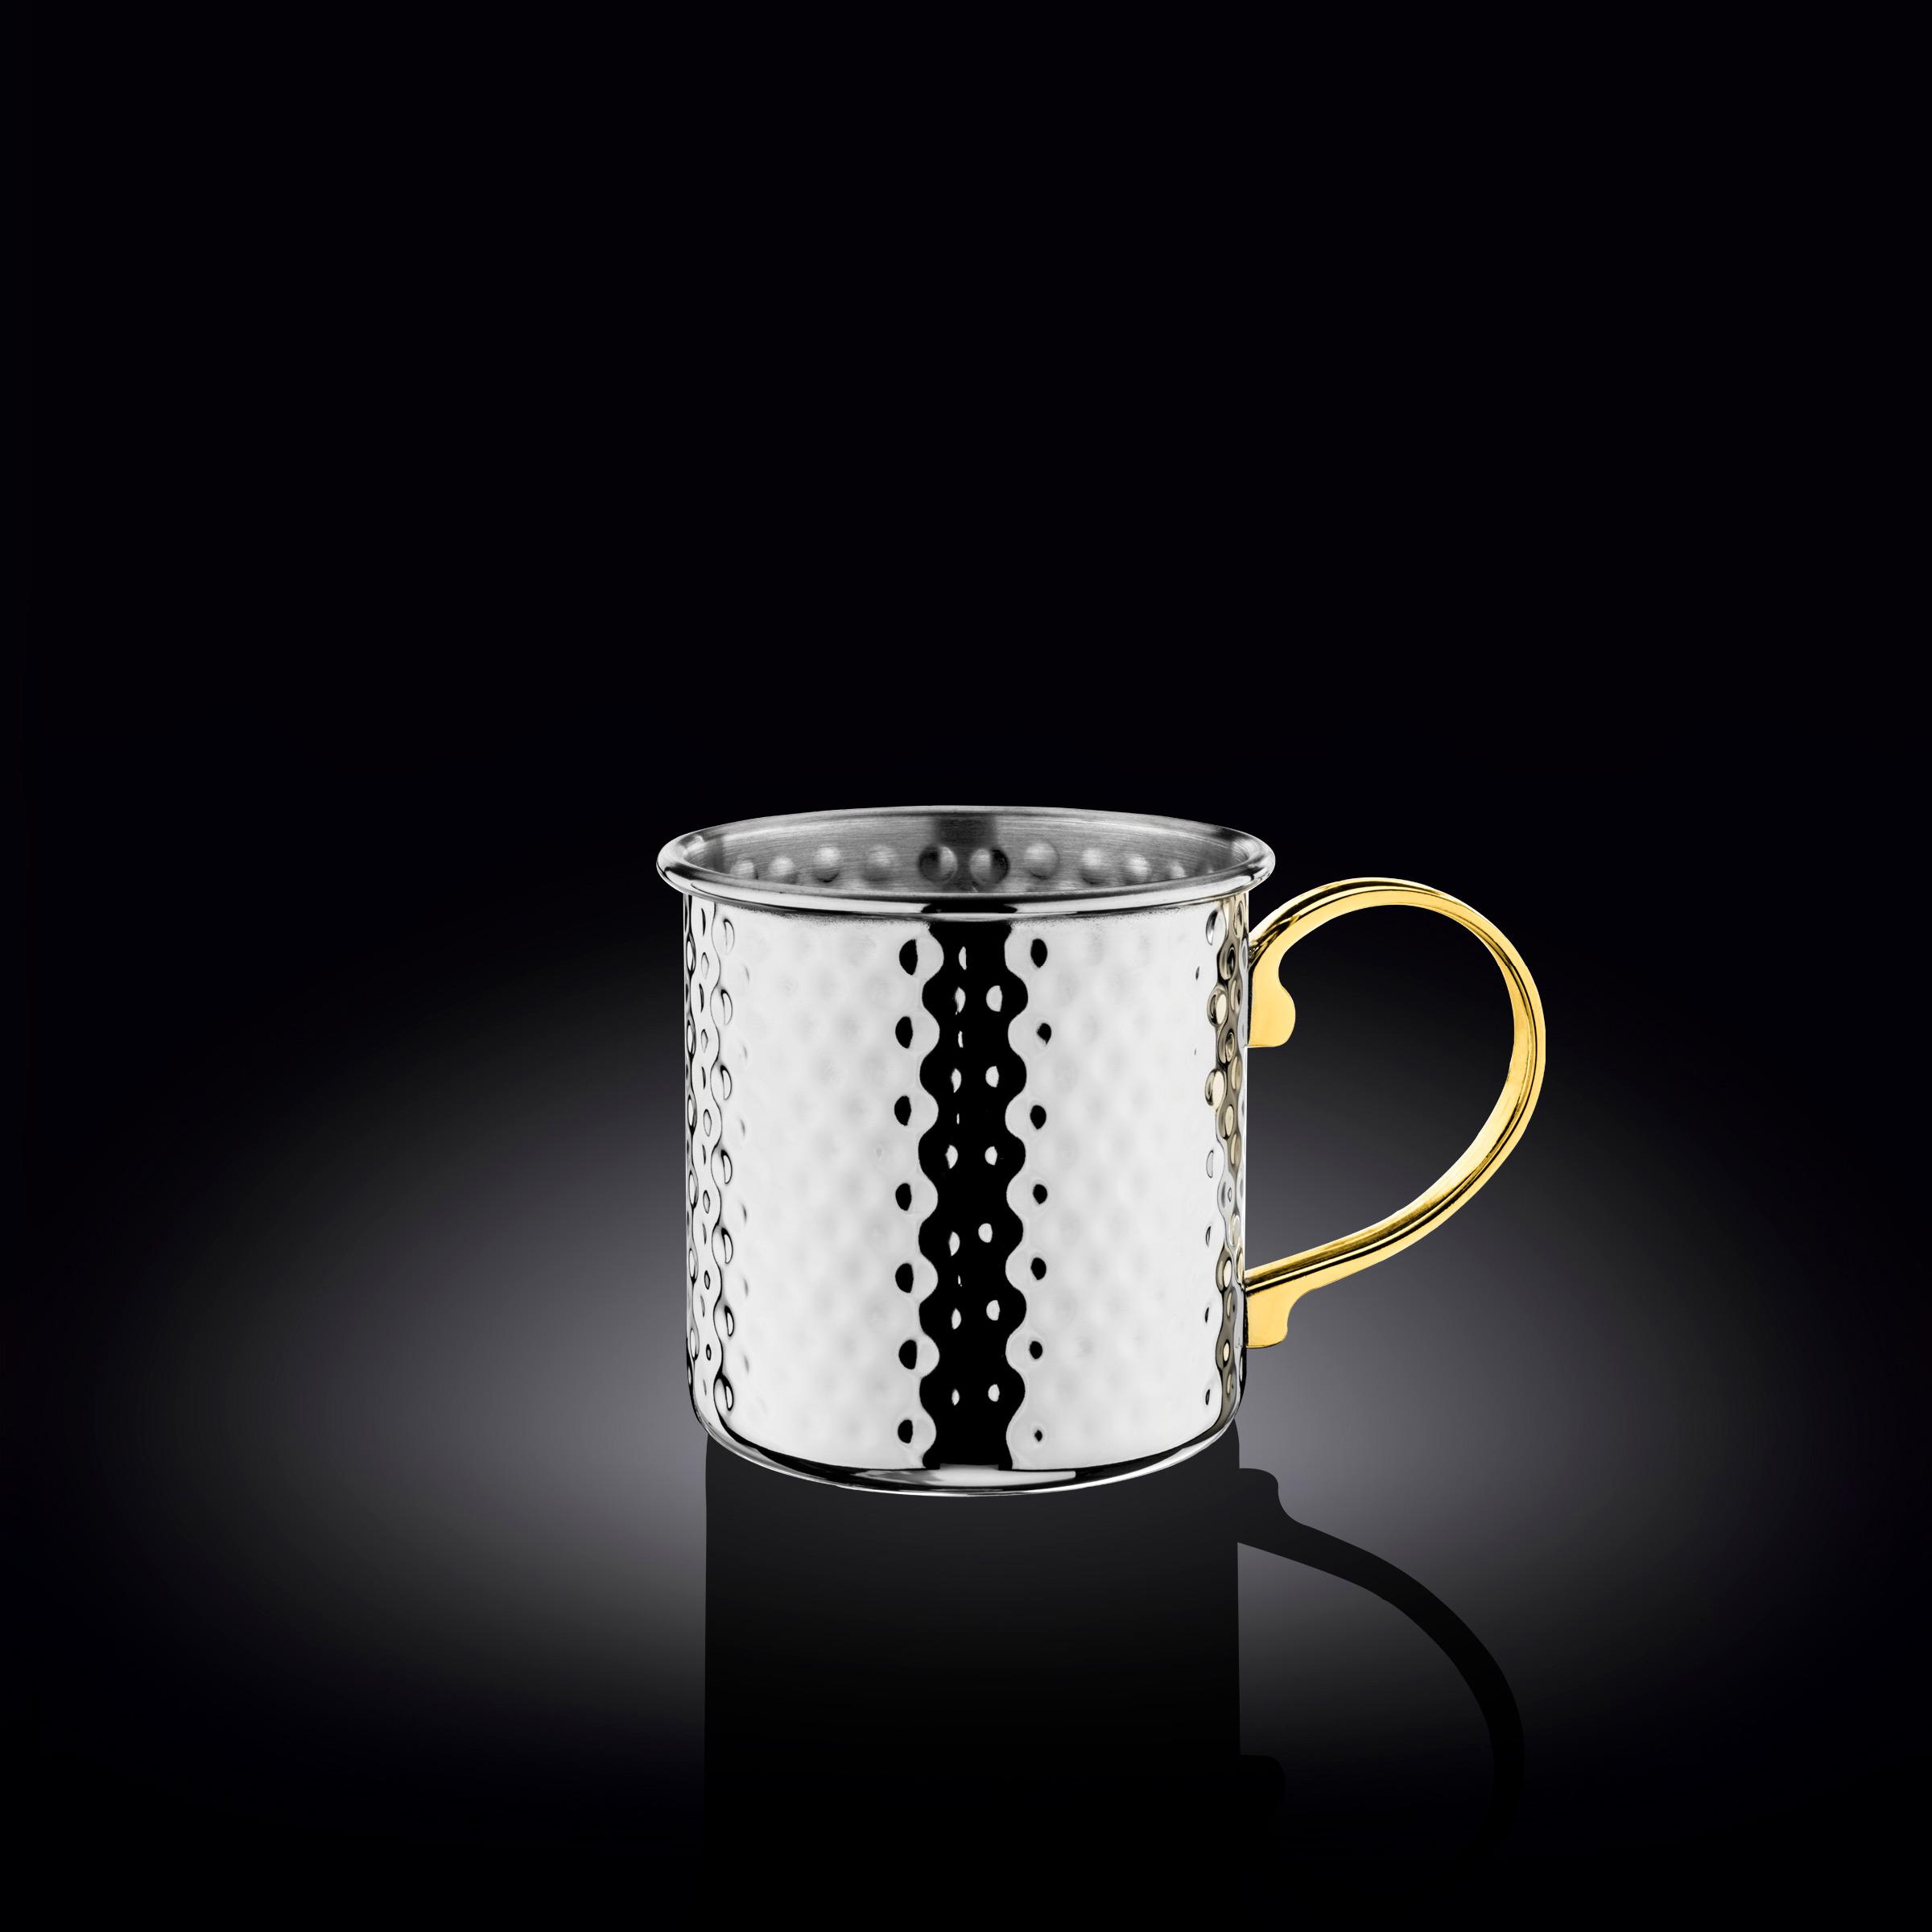 マグカップ(シルバーカラー) 32209 (WL-552210/A)